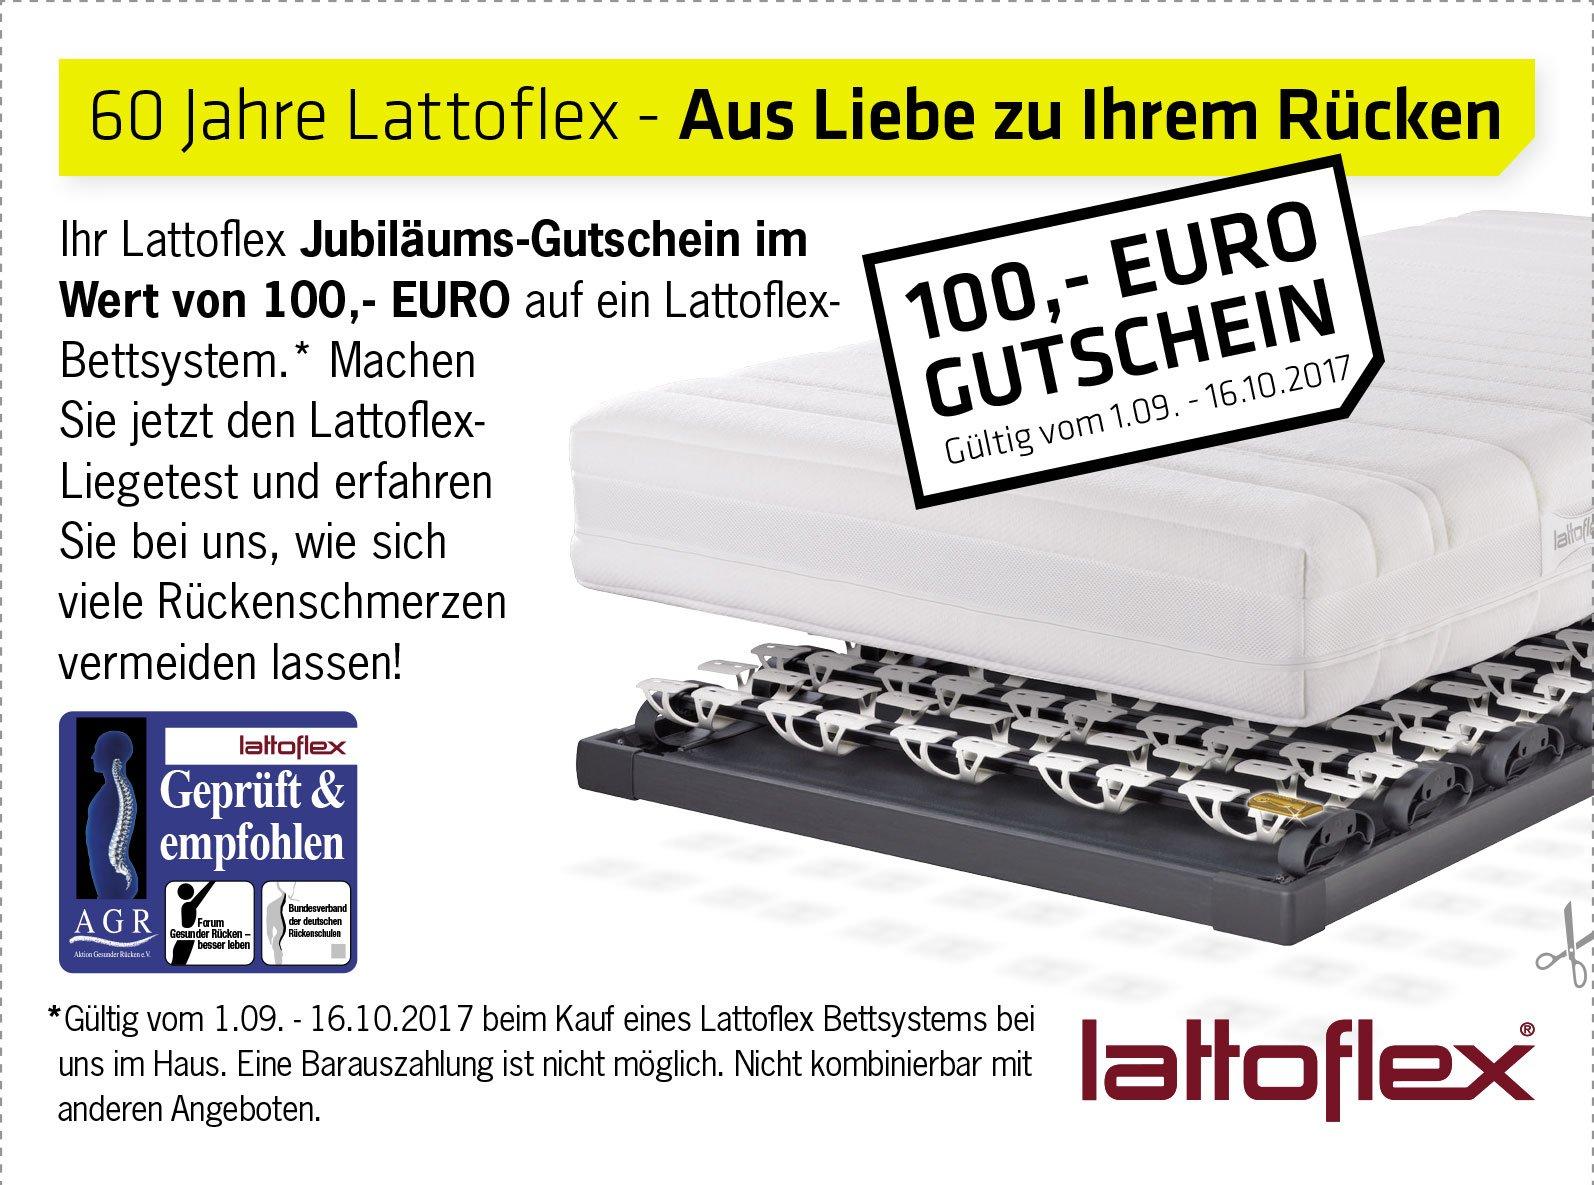 anzeige_lattoflex